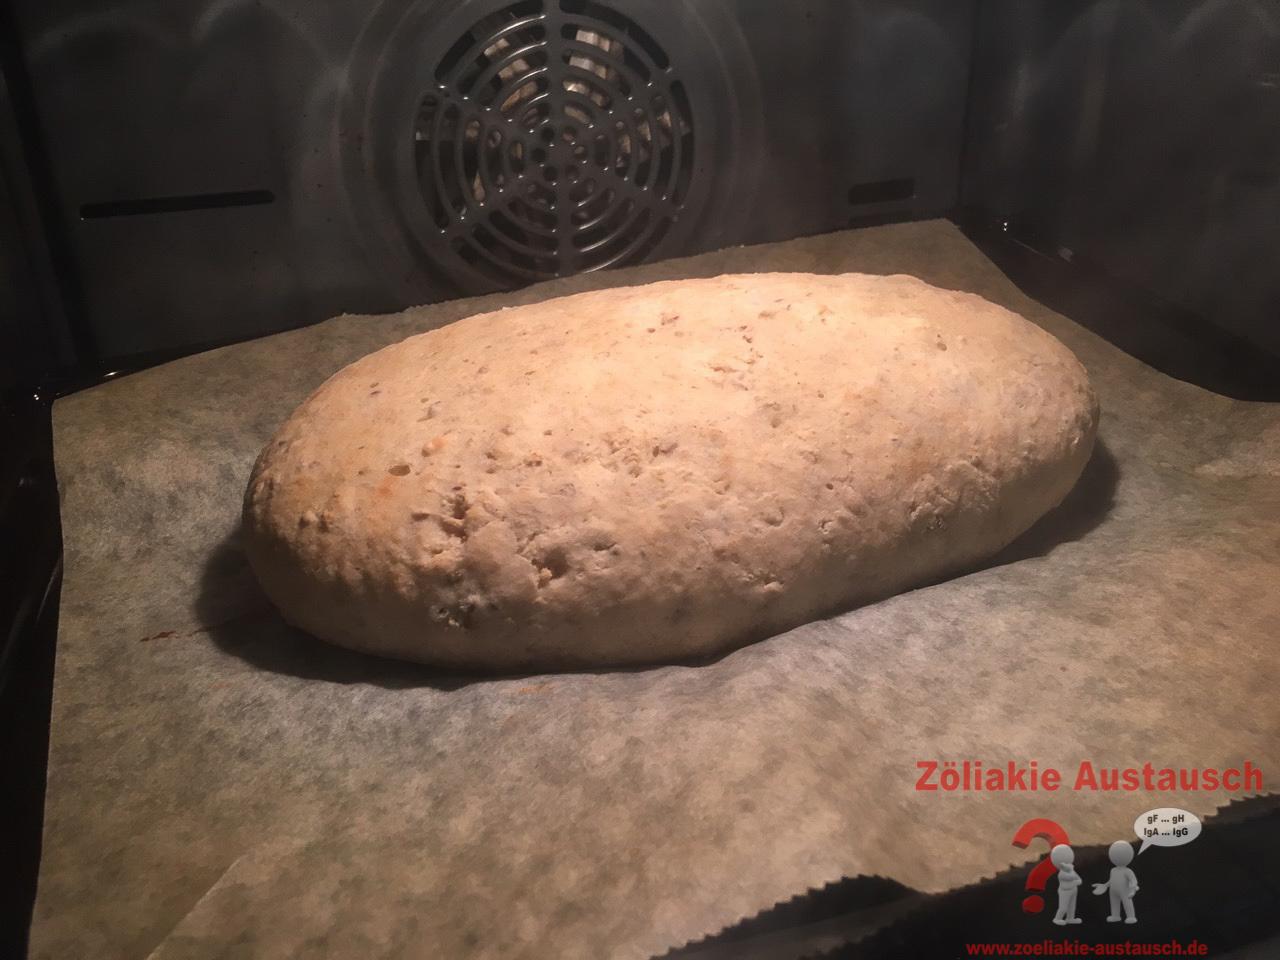 HobbyBaecker-Glutenfrei-Zoeliakie-Austausch_0327